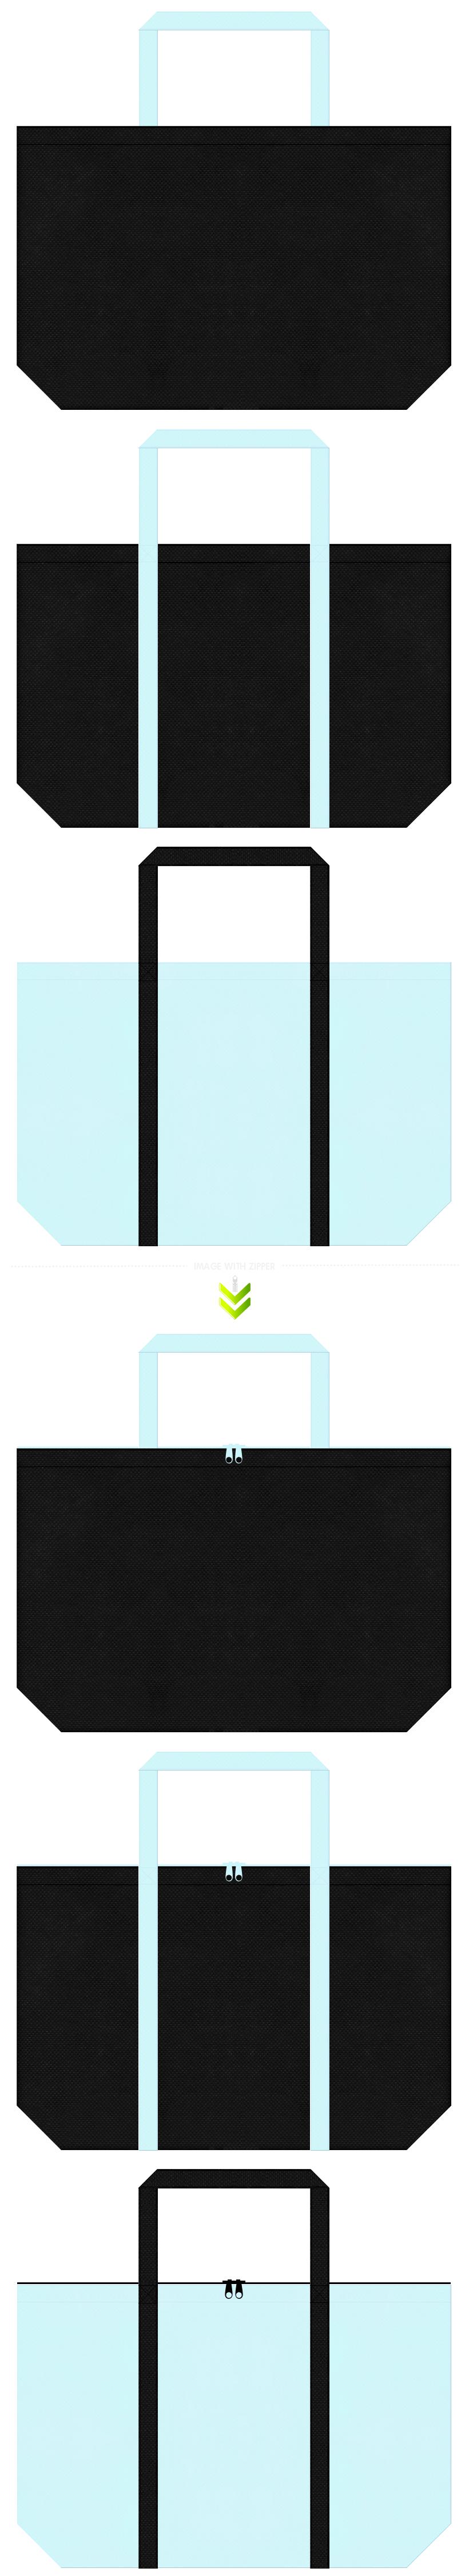 理容・メンズ整髪料・エアコン・給排水設備・カー用品の展示会用バッグ・ランドリーバッグにお奨めの不織布バッグデザイン:黒色と水色のコーデ